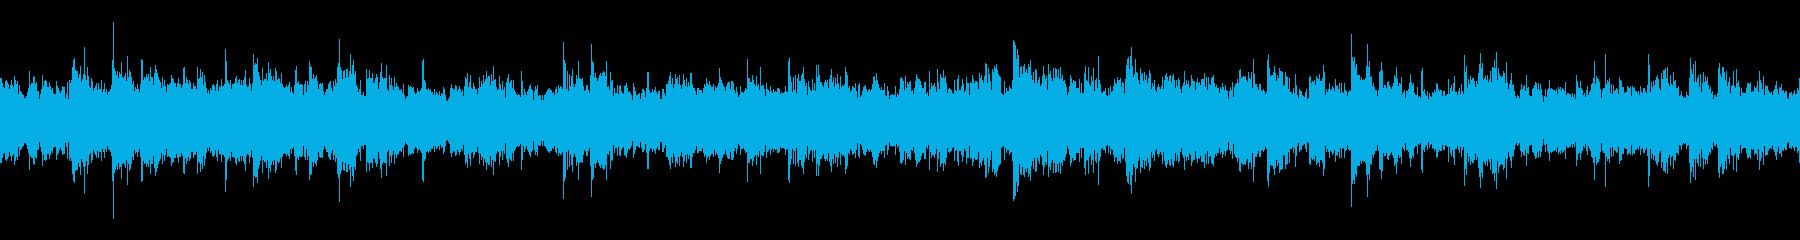 【ループ再生】ヒーリング・幻想的の再生済みの波形